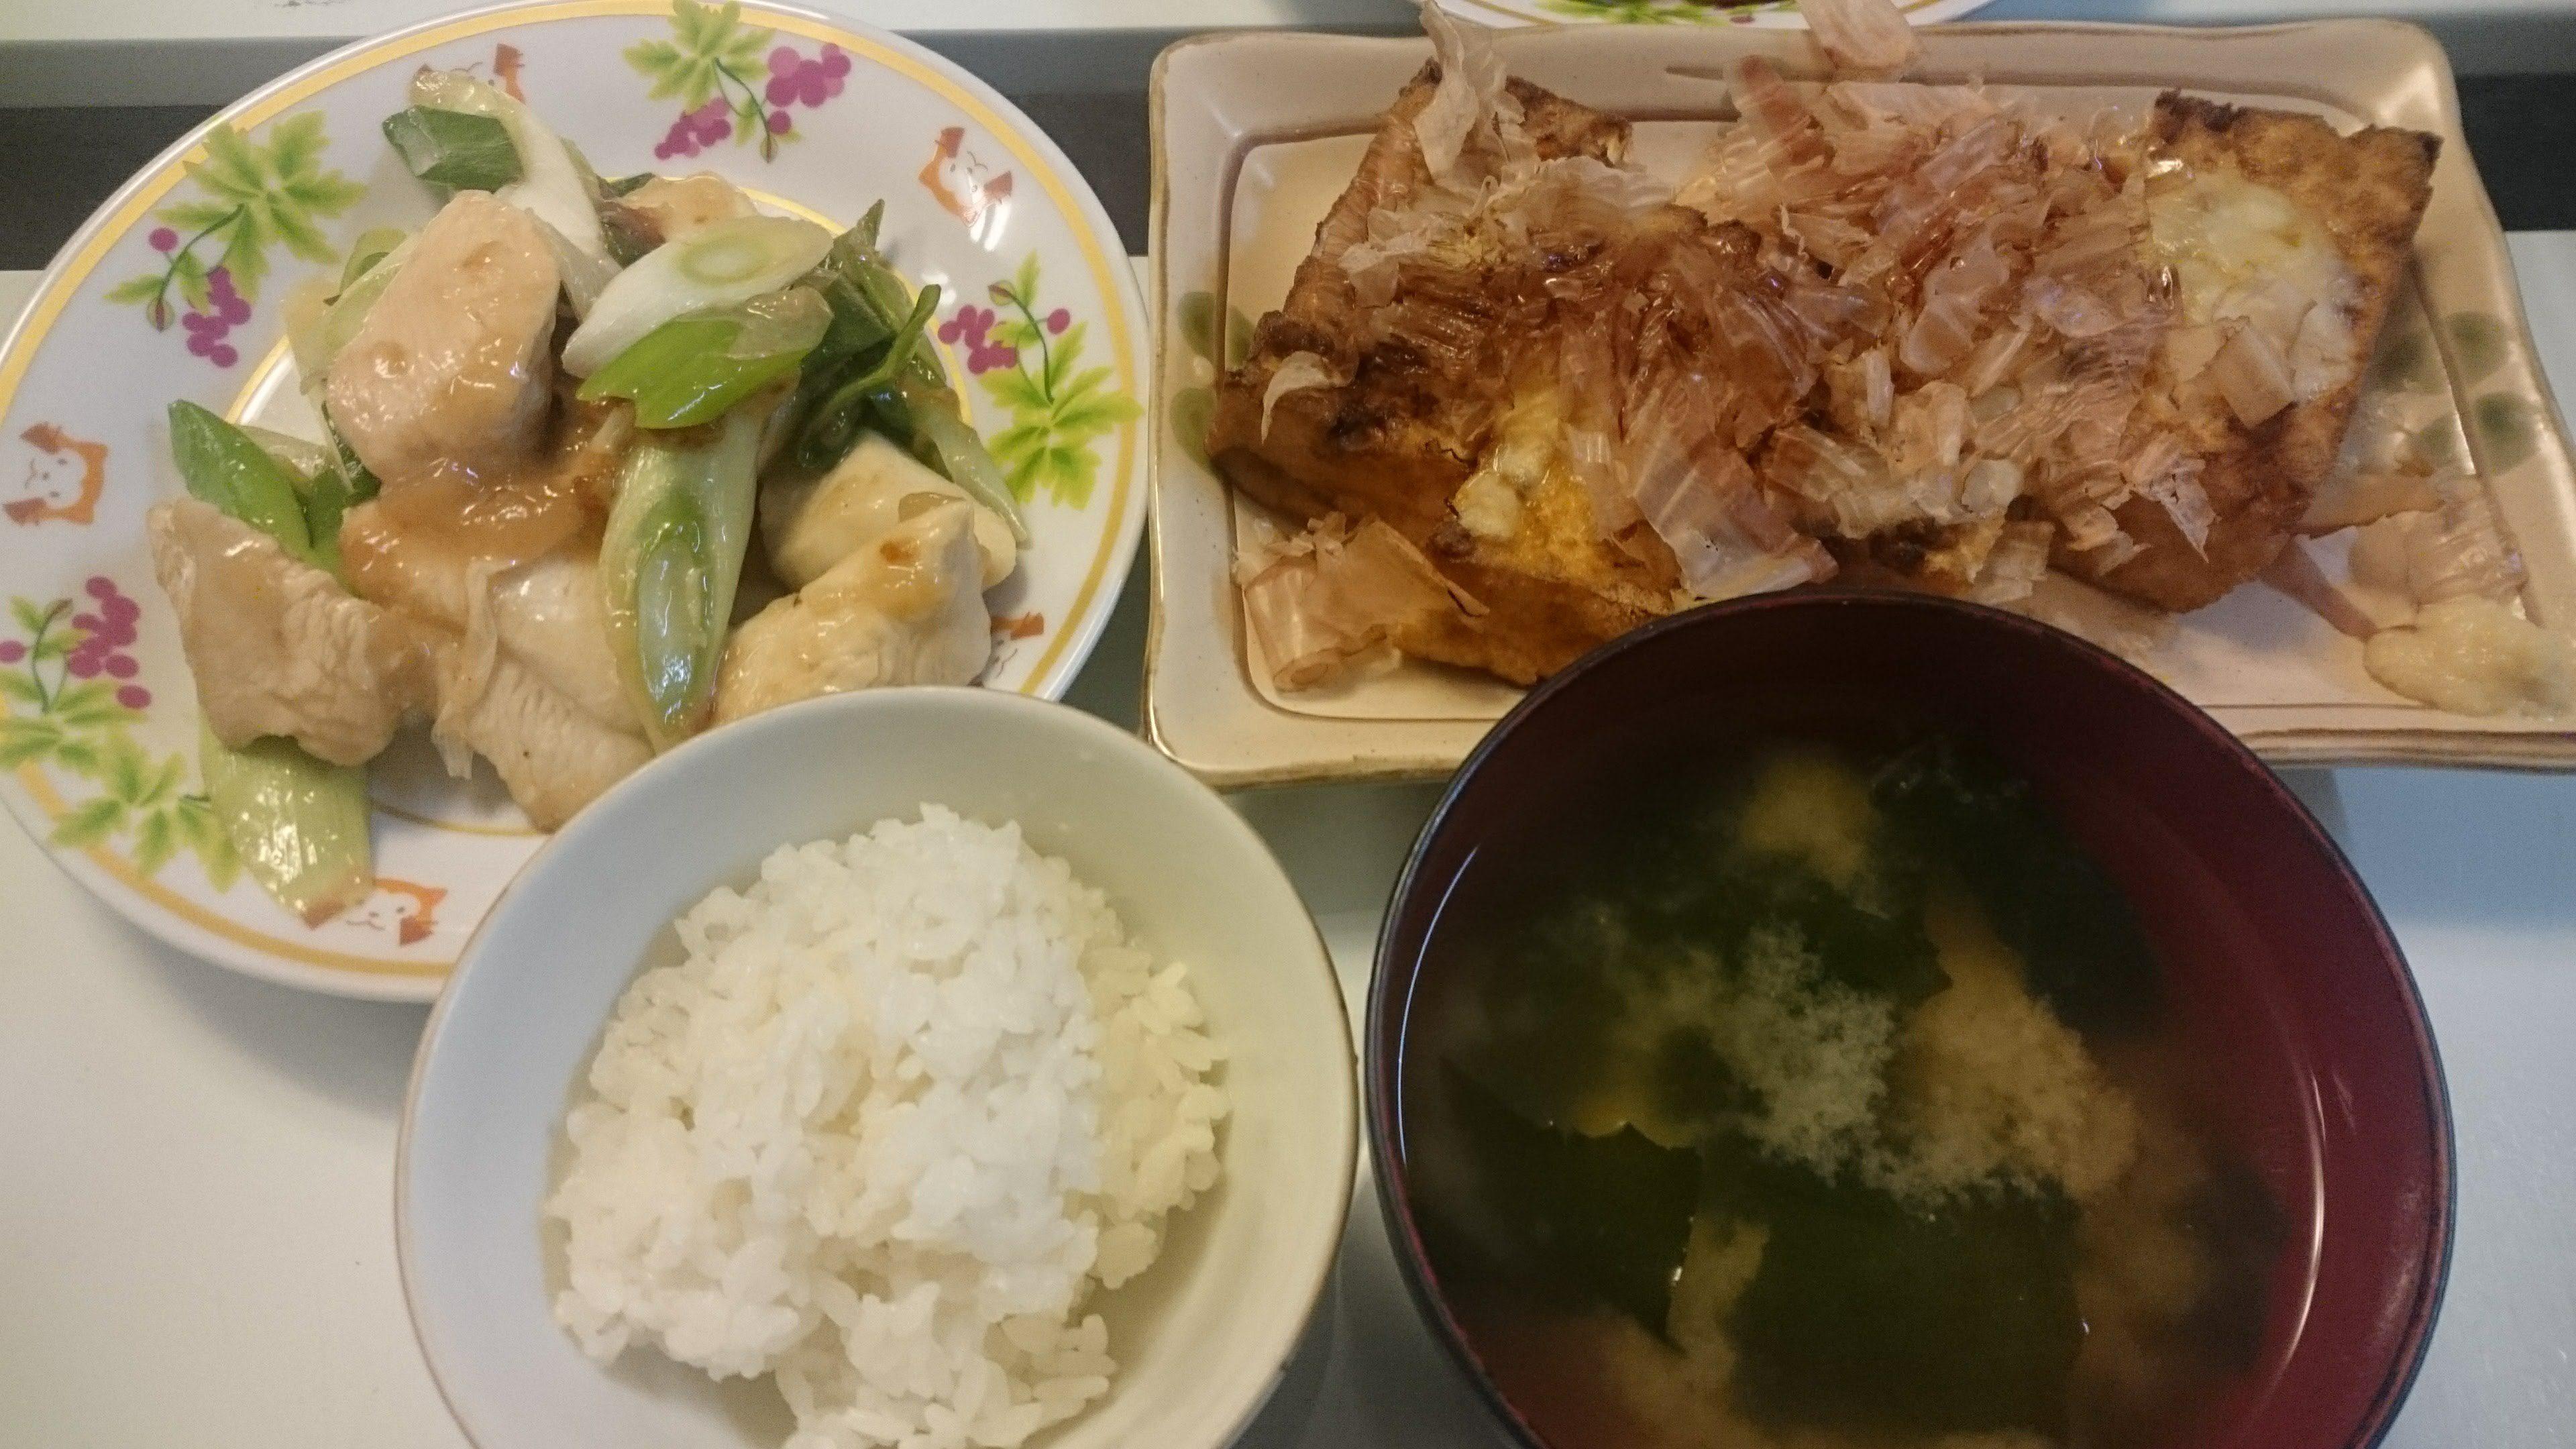 鶏ムネ肉と長ネギの塩レモン炒め+五目生揚げのチーズ焼き